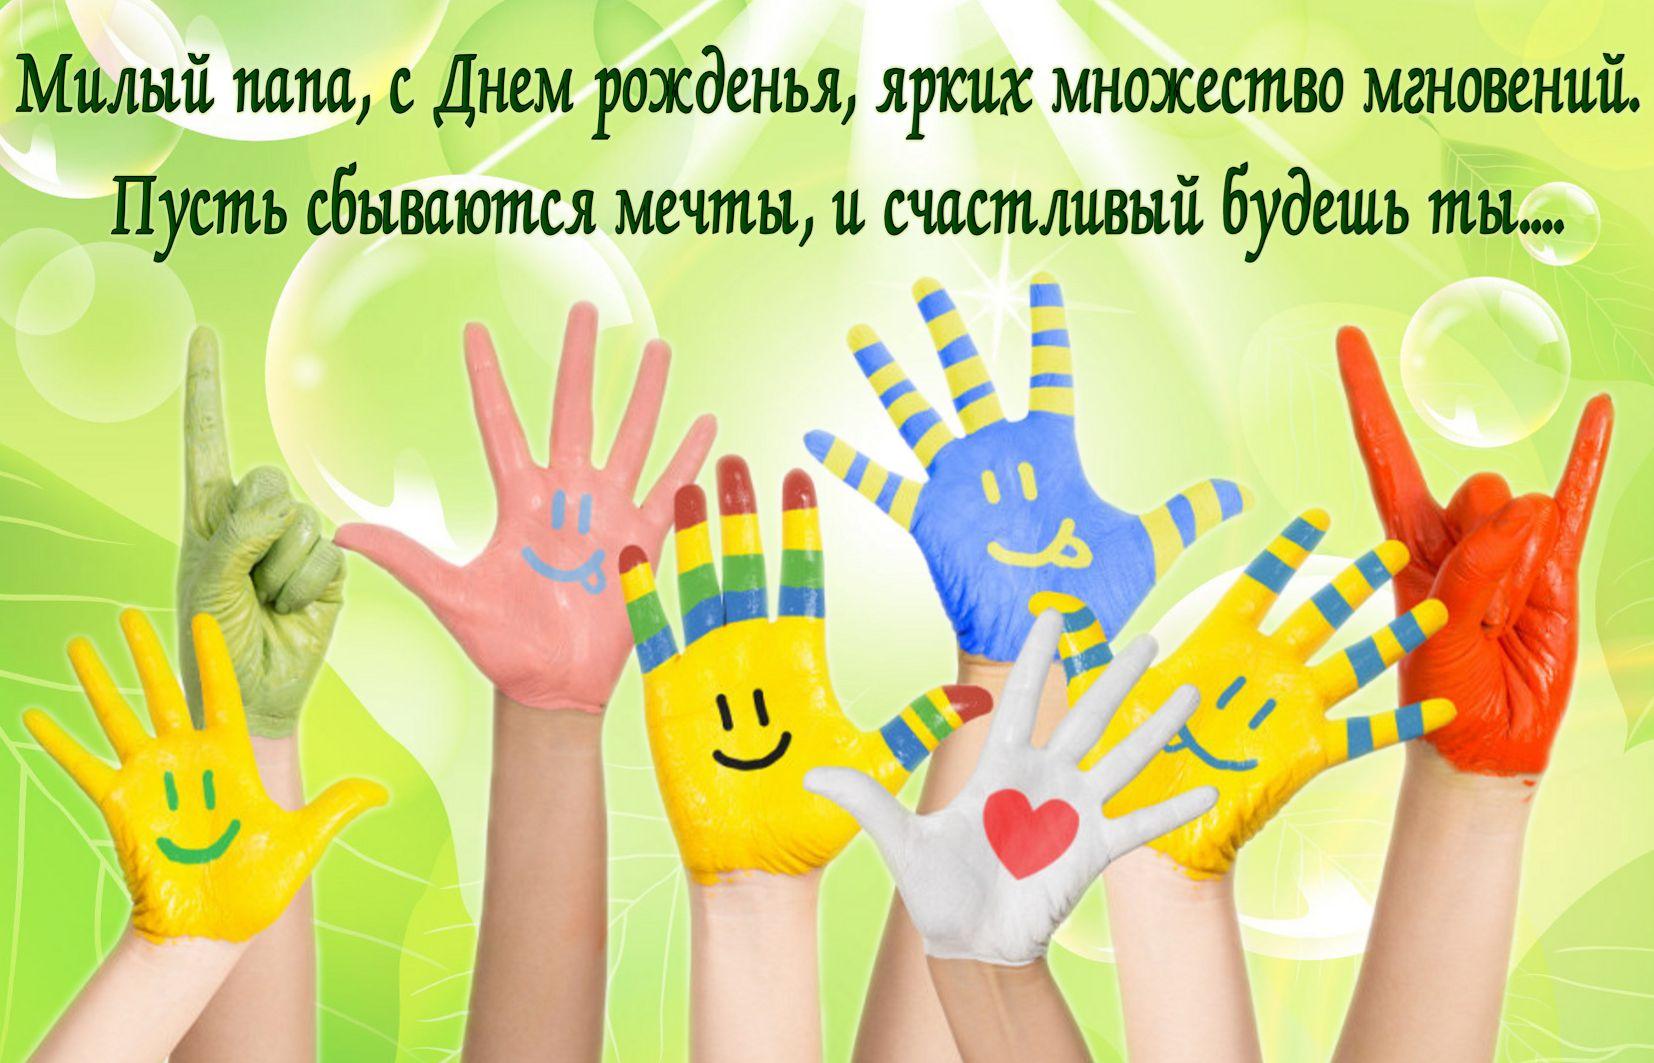 Открытка на День рождения папе - раскрашенные детские руки и пожелание